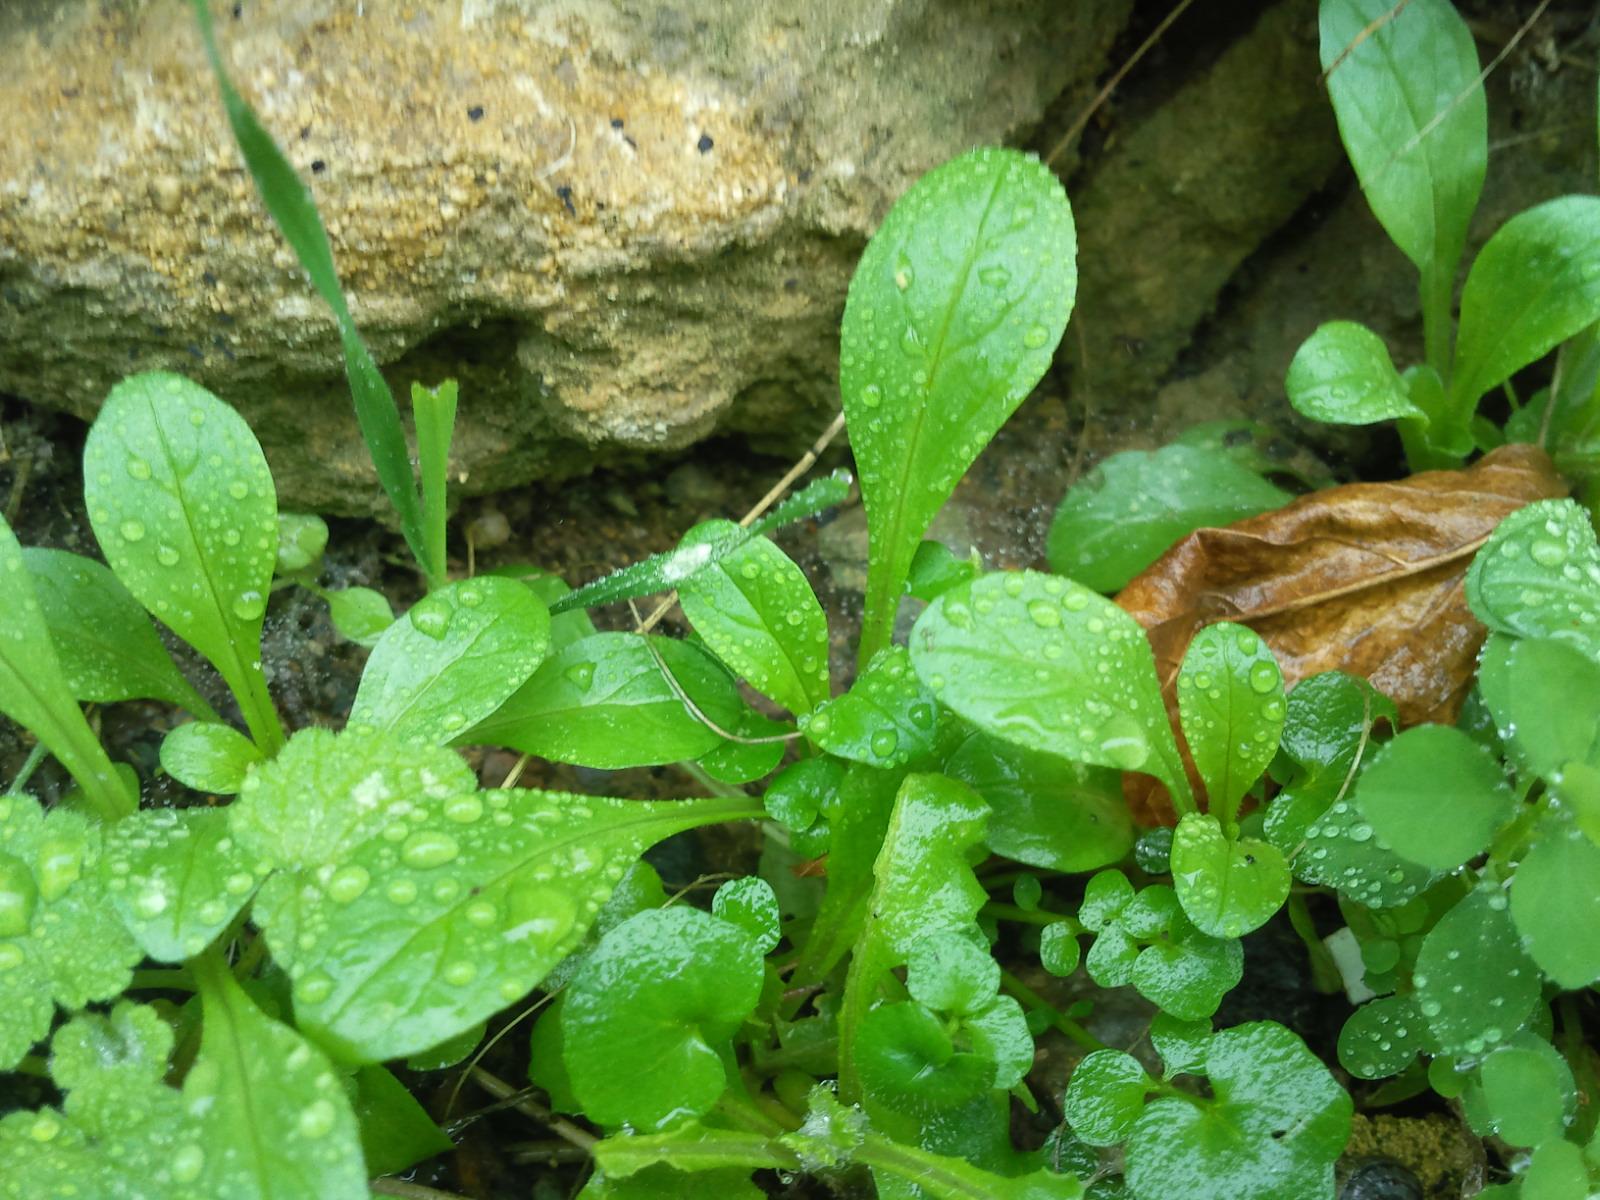 1 cueillette des herbes sauvages comestibles mois - Cuisine plantes sauvages comestibles ...